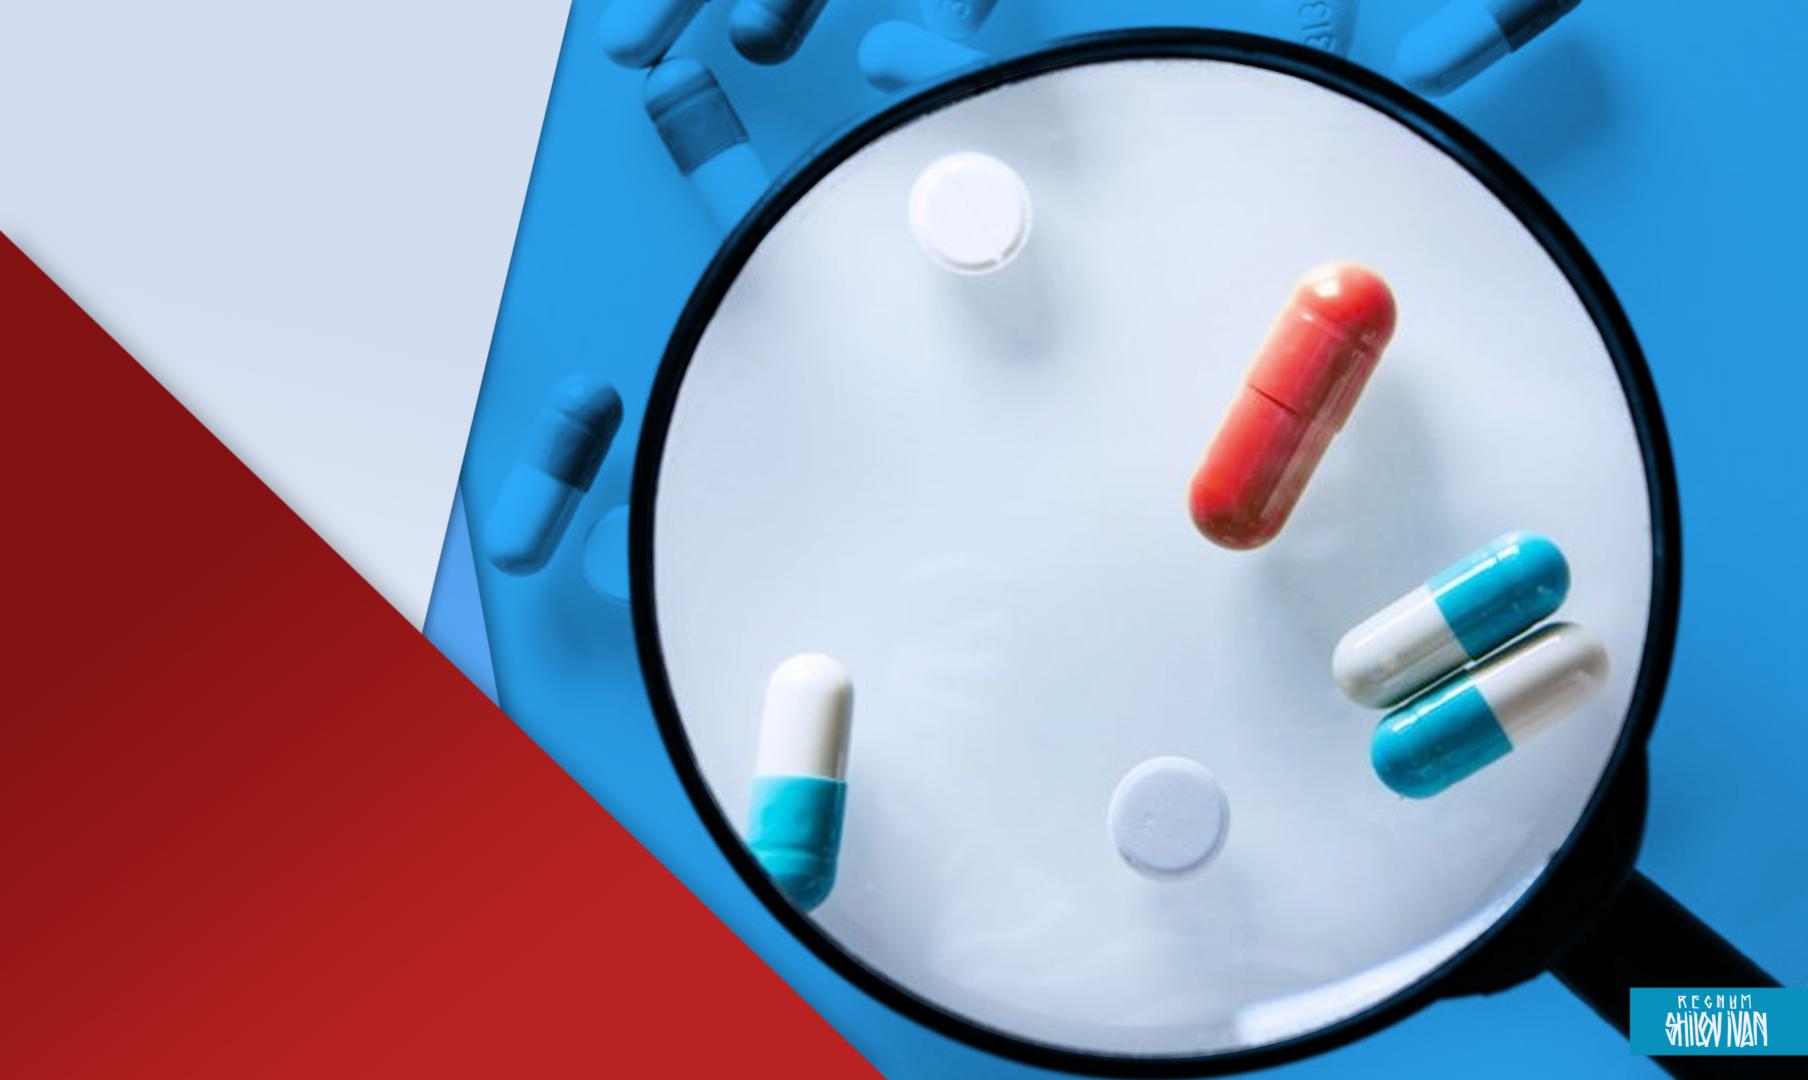 Ученые повысили растворимость лекарств через сверхкритические технологии